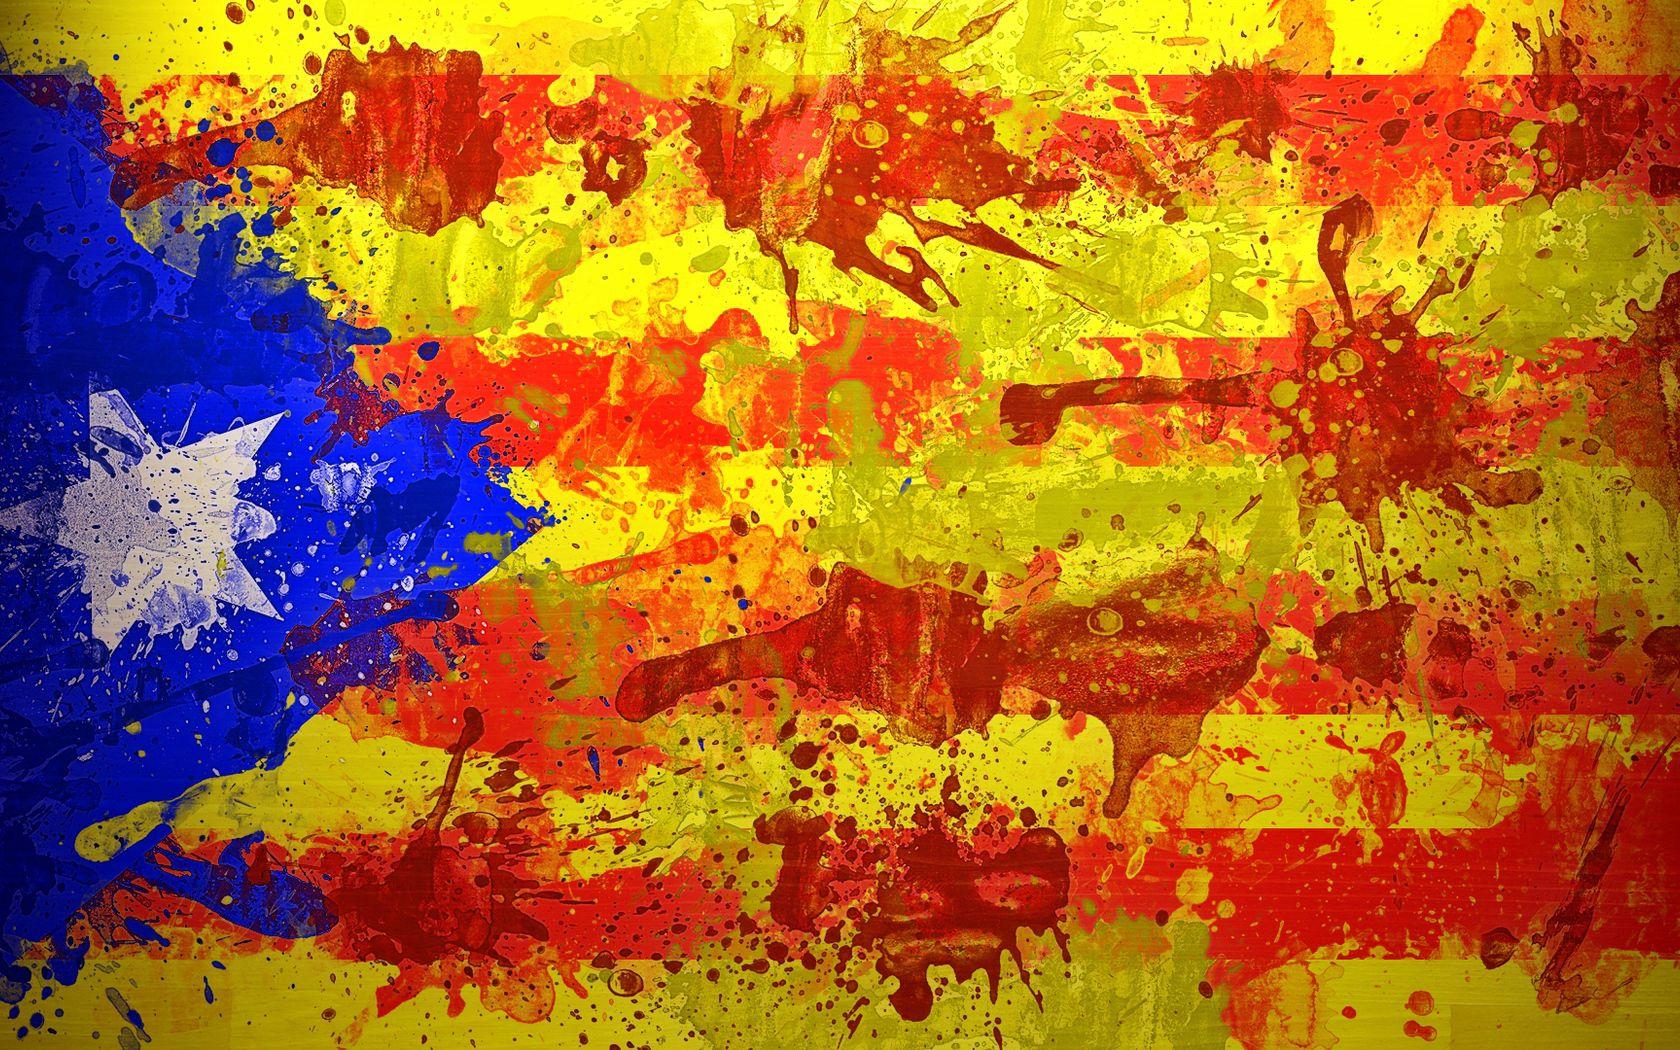 150836 baixar papel de parede Barcelona, Textura, Texturas, Pintar, Bandeira, Espanha, Simbolismo, Catalunha - protetores de tela e imagens gratuitamente